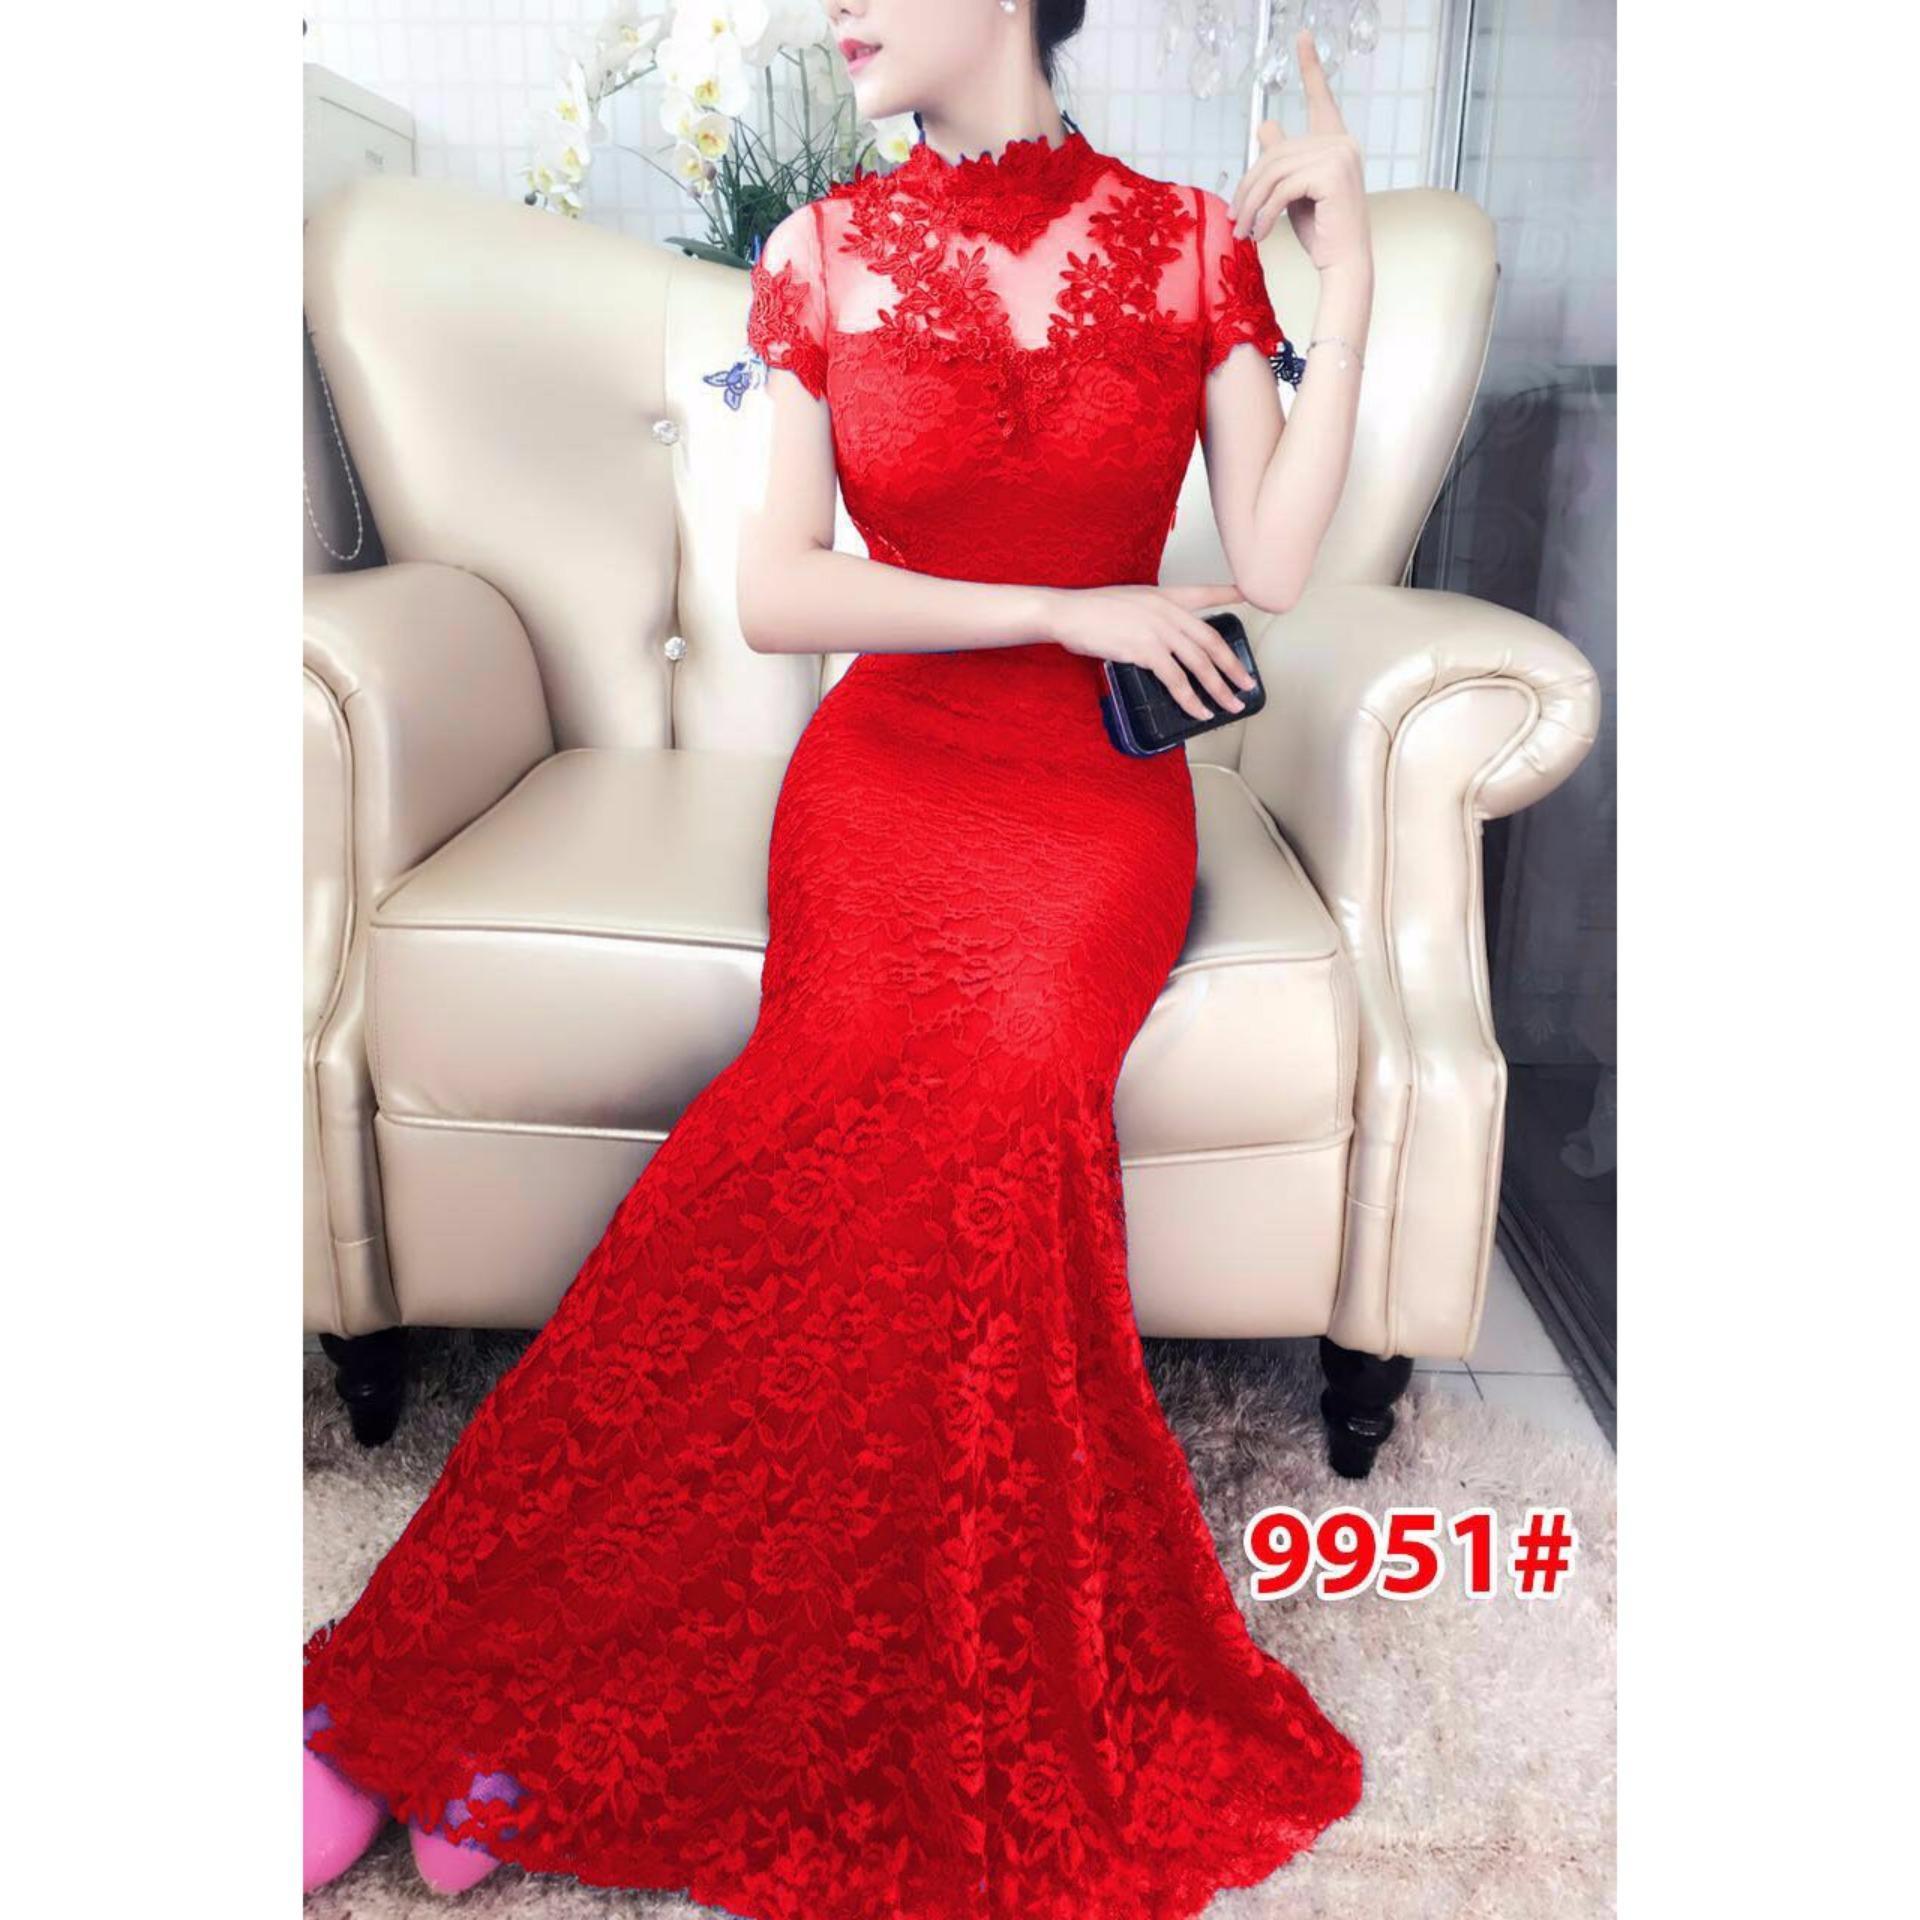 Jual Beli Baju Pesta Import Gaun Brokat Bandingkan 9010 Dress Ekor Fashion